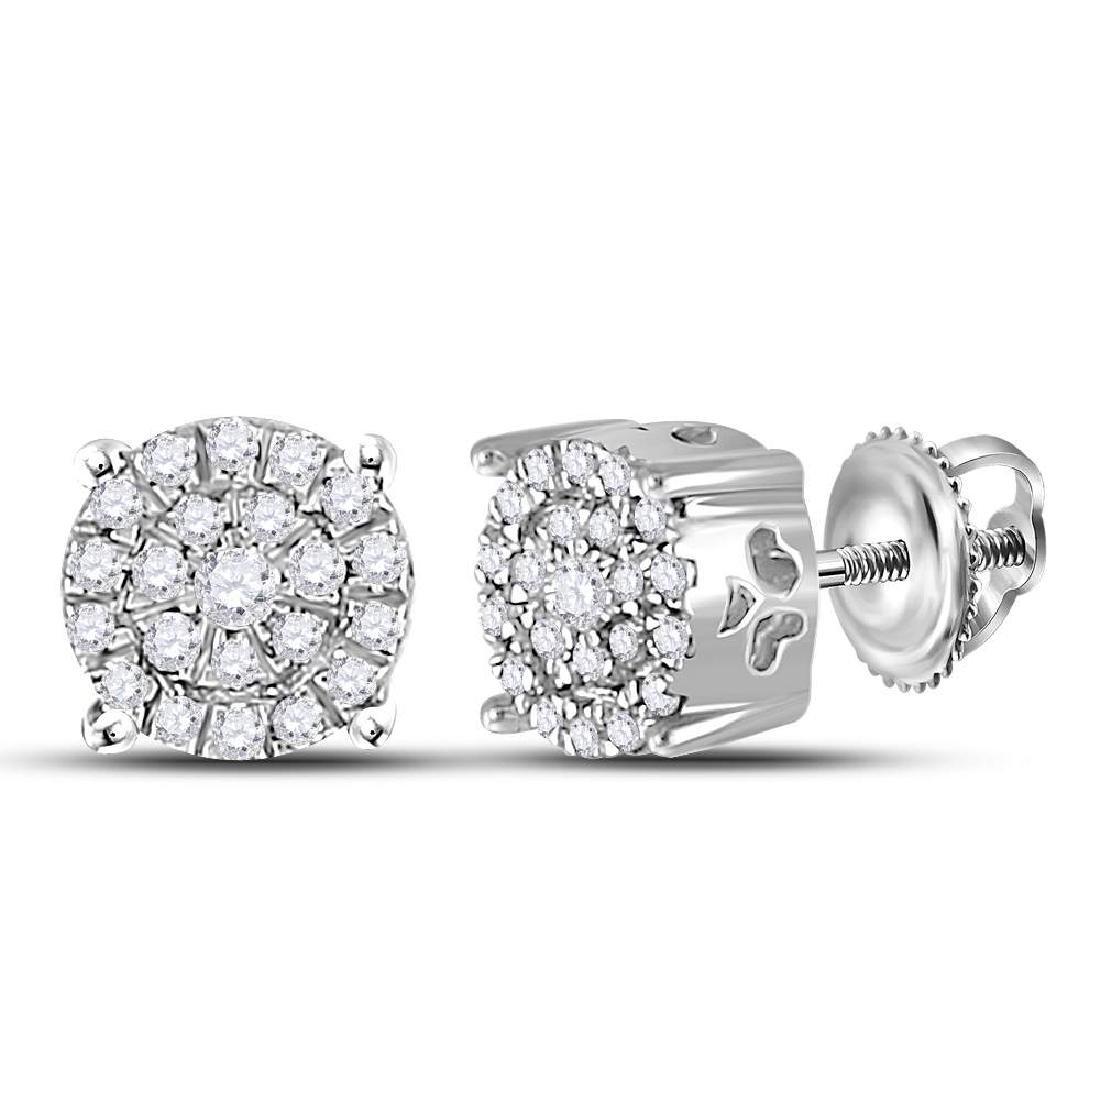 0.18 CTW Diamond Cluster Earrings 10KT White Gold -